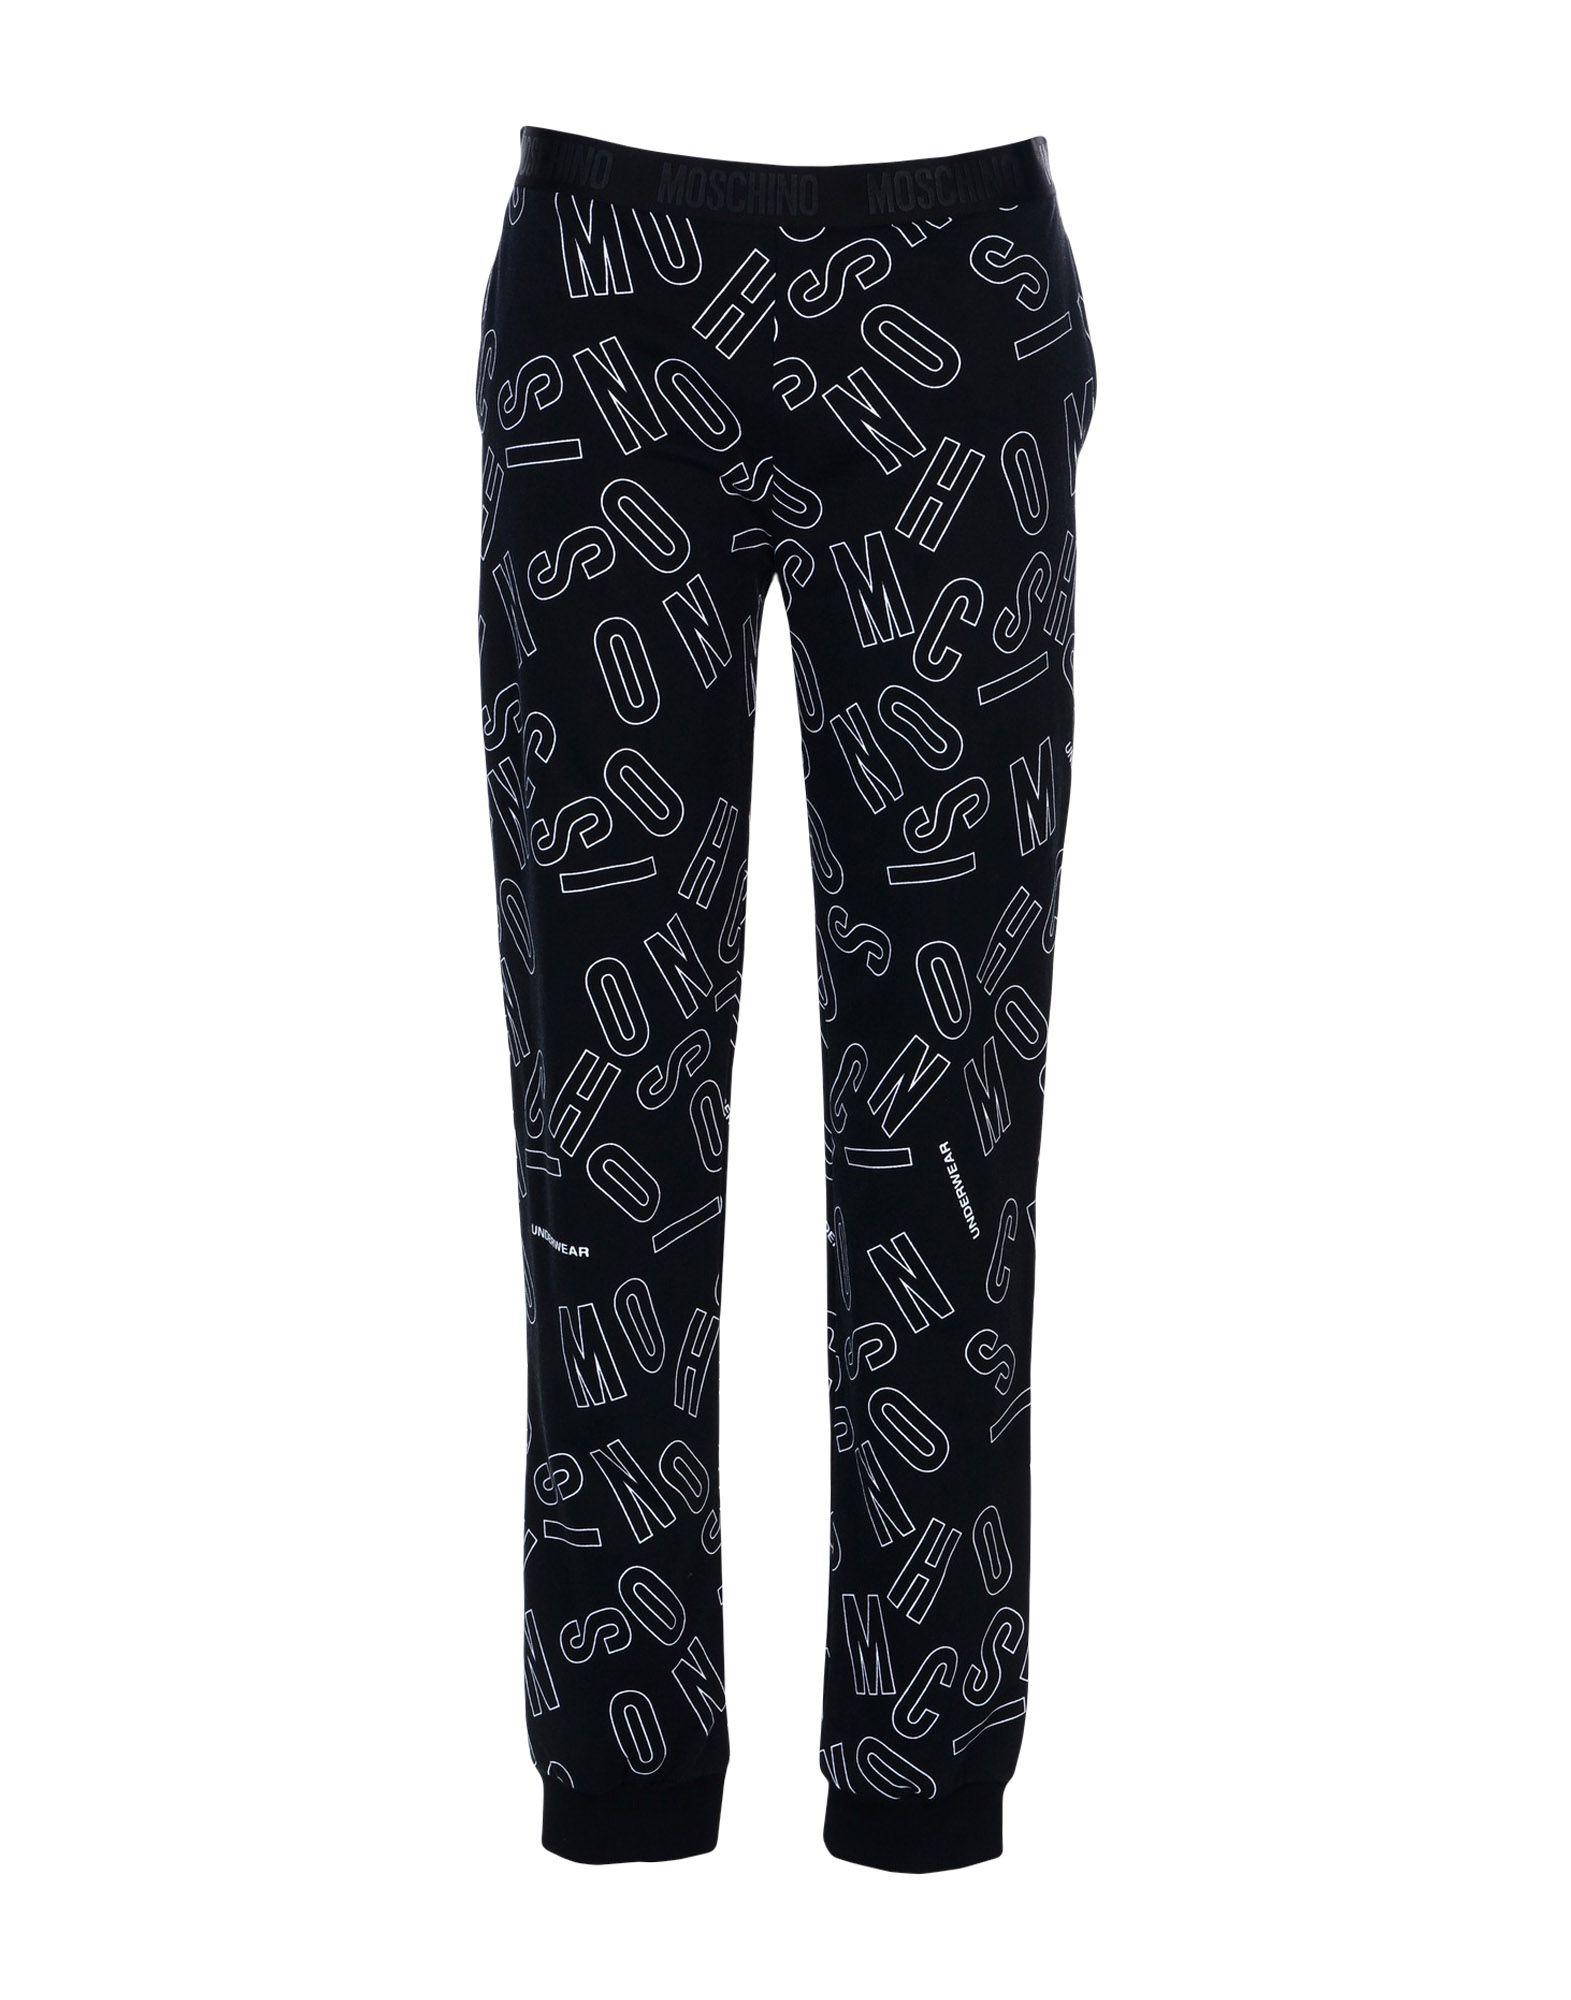 《送料無料》MOSCHINO レディース パジャマ ブラック S 100% コットン